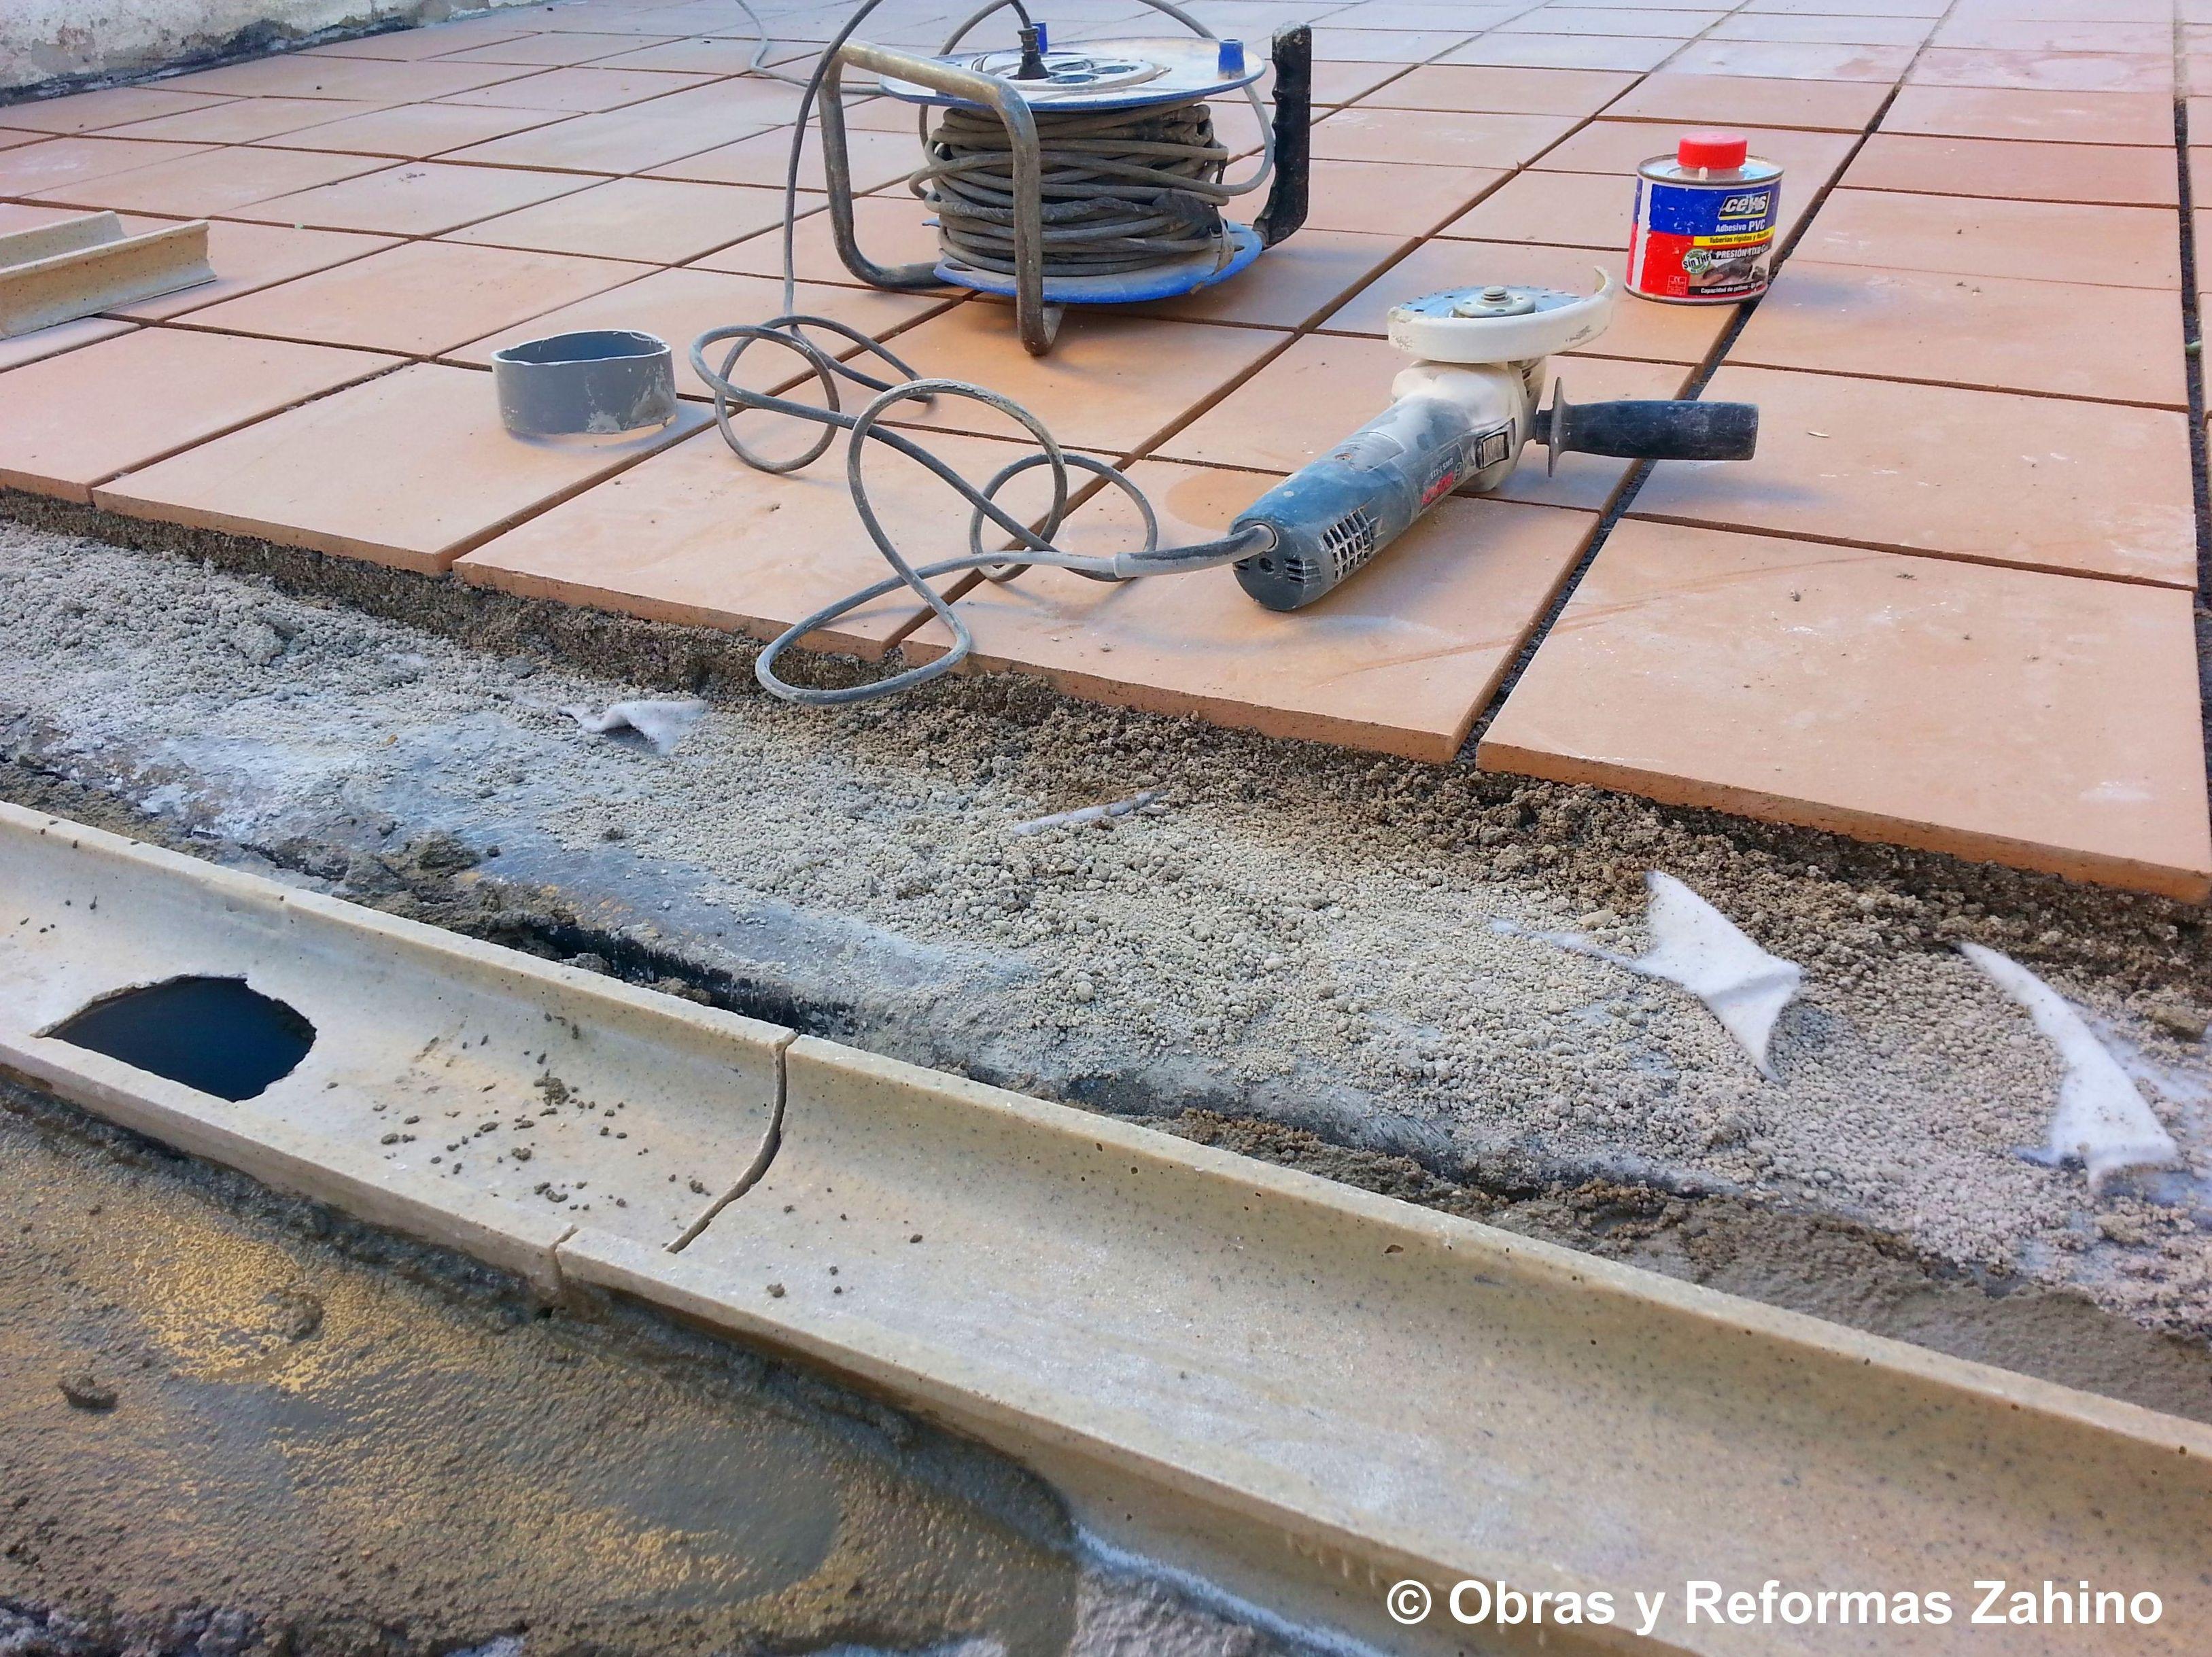 Obras y reformas zahino blog live - Presupuestos obras y reformas ...